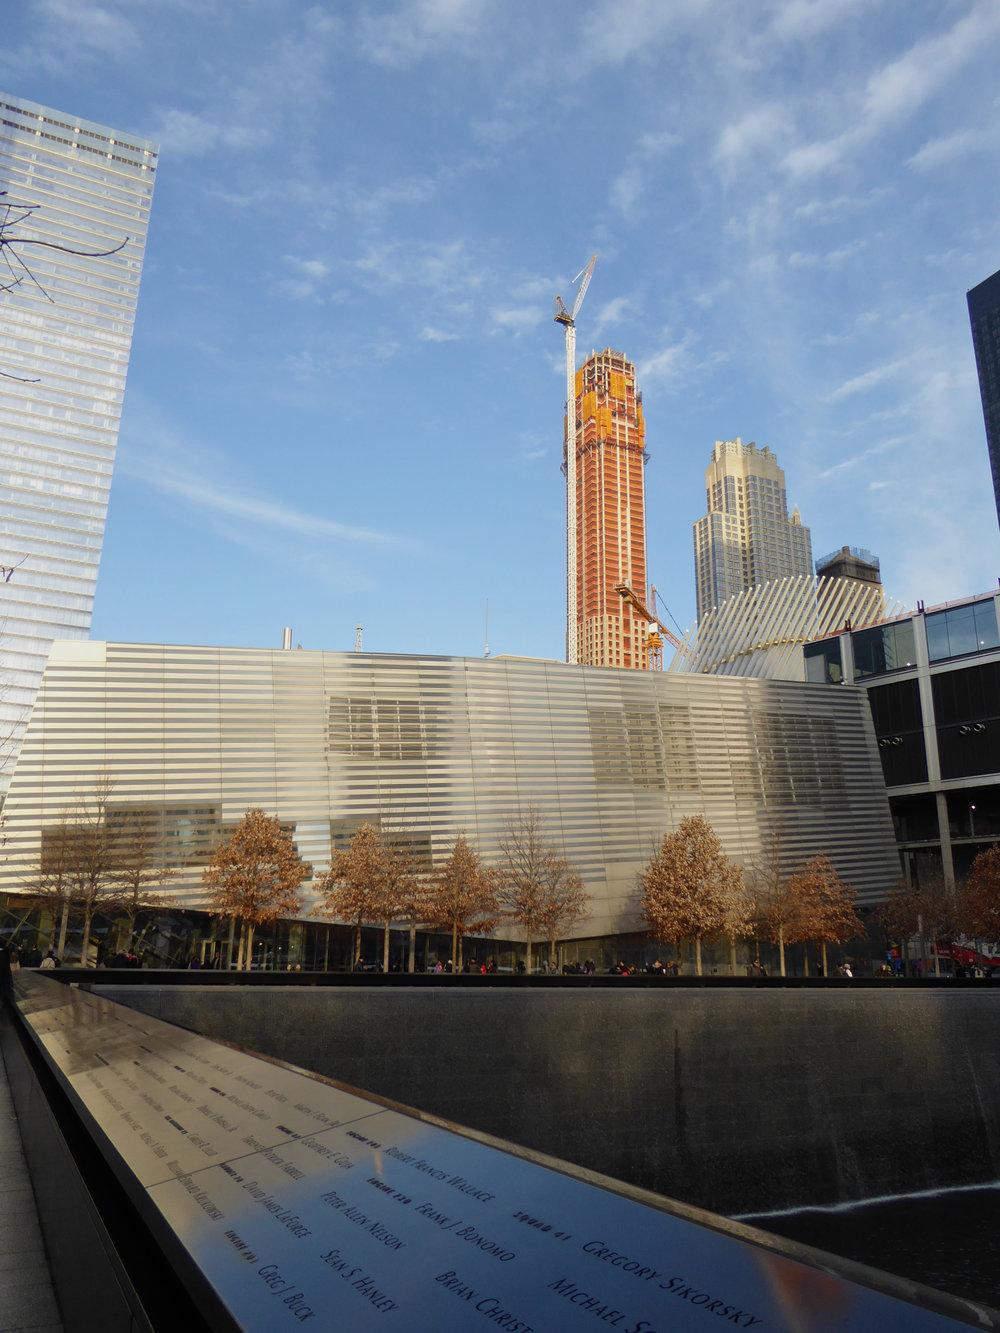 911_NYC_Museum_1:15_cindi_spiritedtable_photo.01.jpg